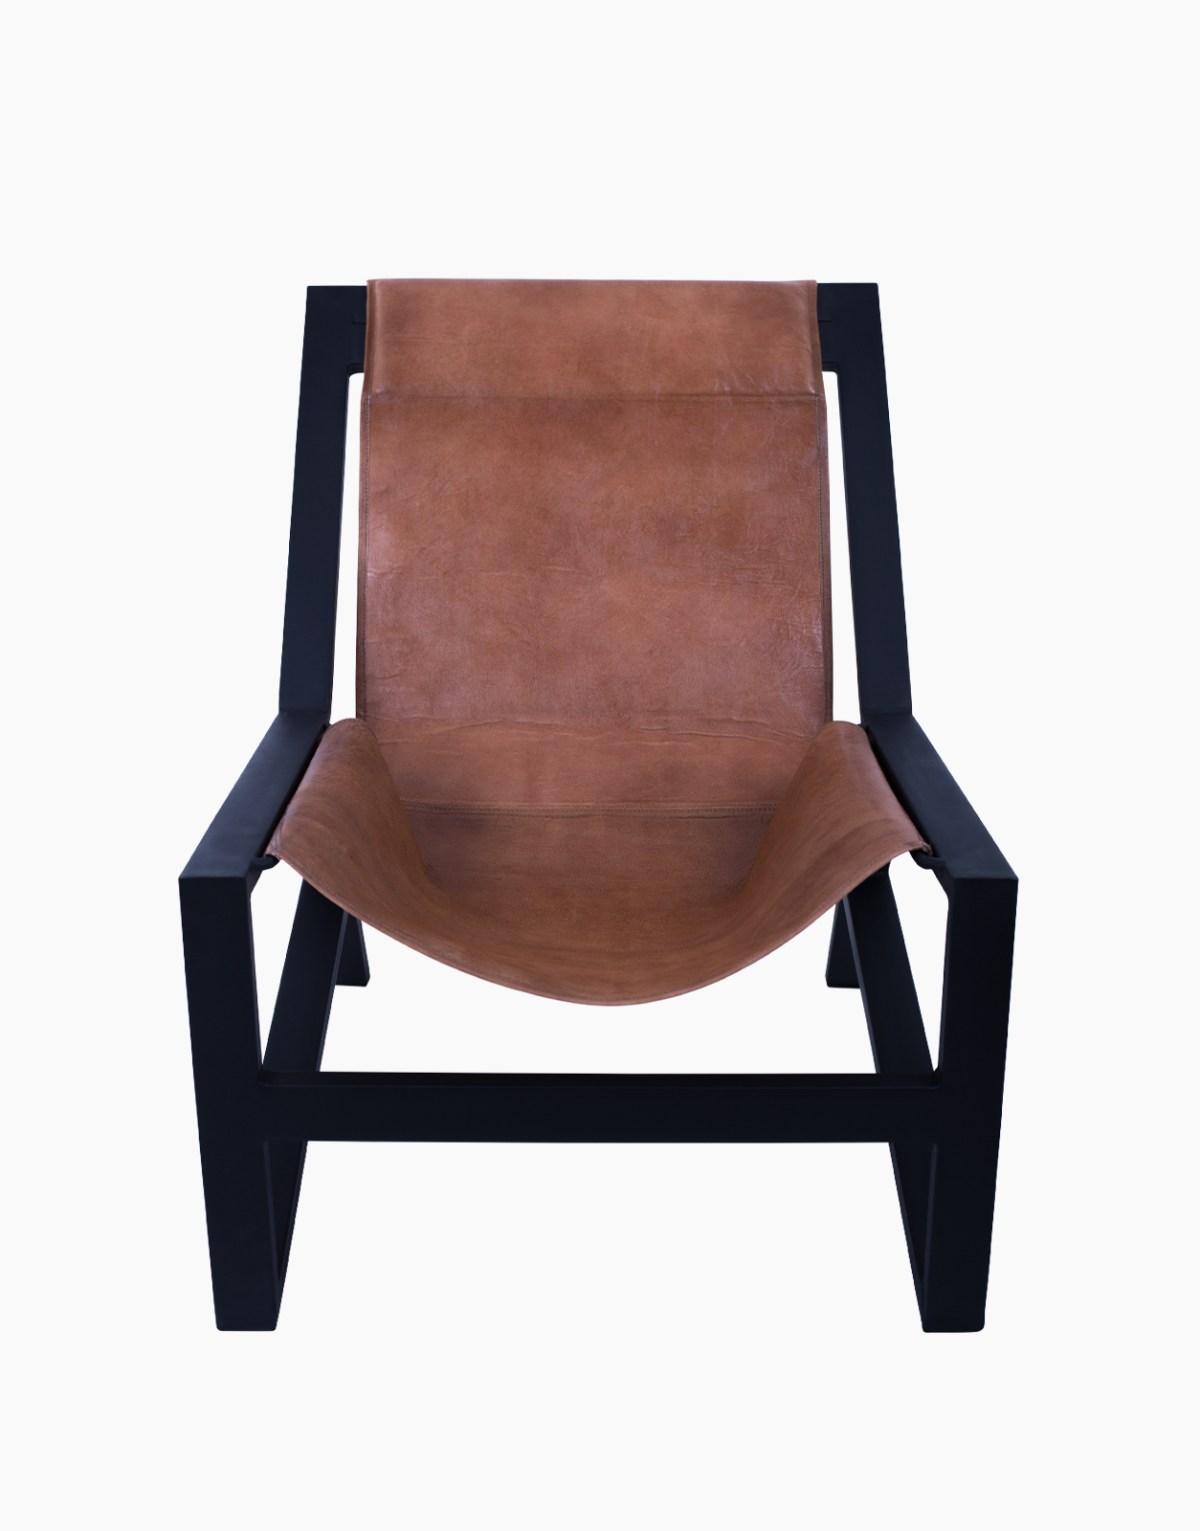 vente chaise, vente chaise design, vente chaises pas cher, tabouret de bar, tabouret, toubourets de bar, pouf design, siège, siège de bureau, fauteuil rotin, fauteuil en teck massif, fauteuil cuir, fauteuil de bureau, fauteuil club, coussins de chaises, assises, assise design, chaise pas cher, chaise en cuir chocolat, chaise de salon, chaise de bureau, chaise dactylo, chaise de cuisine, chaise design, fauteuil, chaise pliante, chaises, tabouret haut, tabouret pas cher, chaise bois, chaise contemporaine, chaise design, chaise haut de gamme, chaise longue, transat, transat design, transat chic, tabouret design, tabouret cuisine, fauteuil pouf, Chaise métal, housse canapé clic clac, clic clac, canapes modulables, canapes d'angle, canapés, canapé tissu, canapé lit d'angle, canape lit, canapé d'angle, canapé convertible clic clac, canapé convertible, canapé 3 places, canapé 2 places et 3 places en cuir, bout de canapé, bz, dbz, canapé, canapé 2 places et 3 places en tissu, canapes fixes, canapé d'angle cuir, canapé cuir, canapé convertible bz, canapé bz, canapé clic-clac, canapé 2 places, chauffeuse, canapé design, canape luxueux, canapé haut de gamme, canapés convertibles, canapé pas cher, banquette convertible, banquettes bz, banquettes clic clac, chaise relax